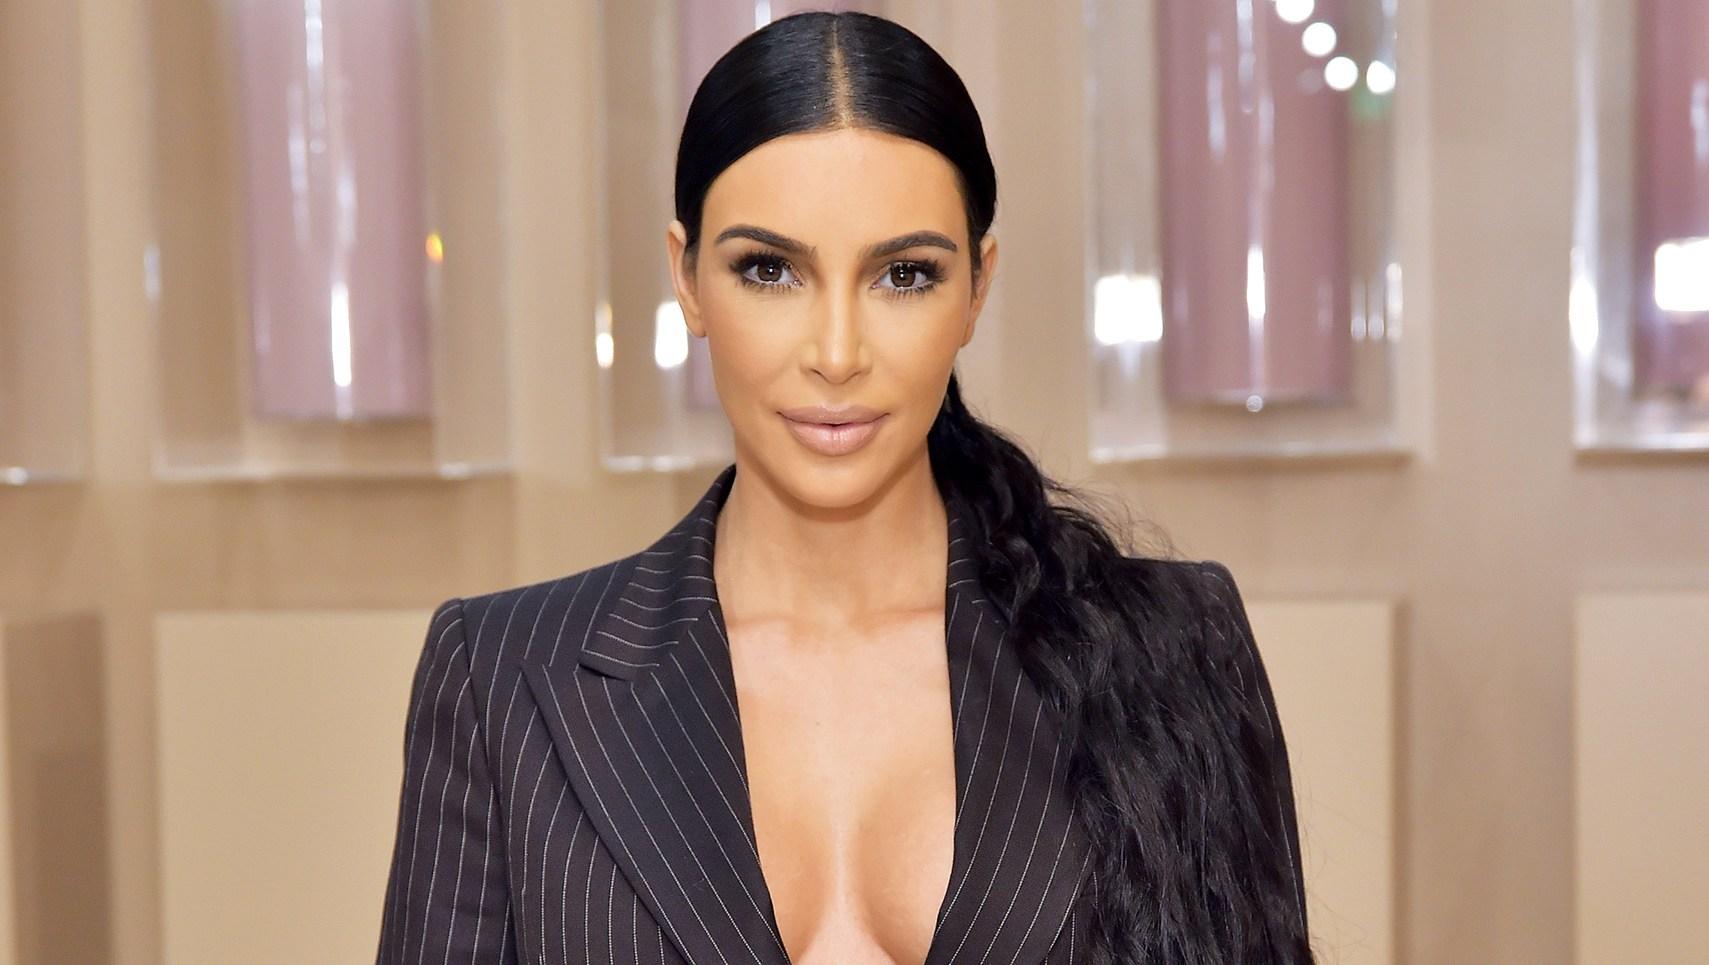 Post-Holiday Slim Down Kim Kardashian Back to Salads